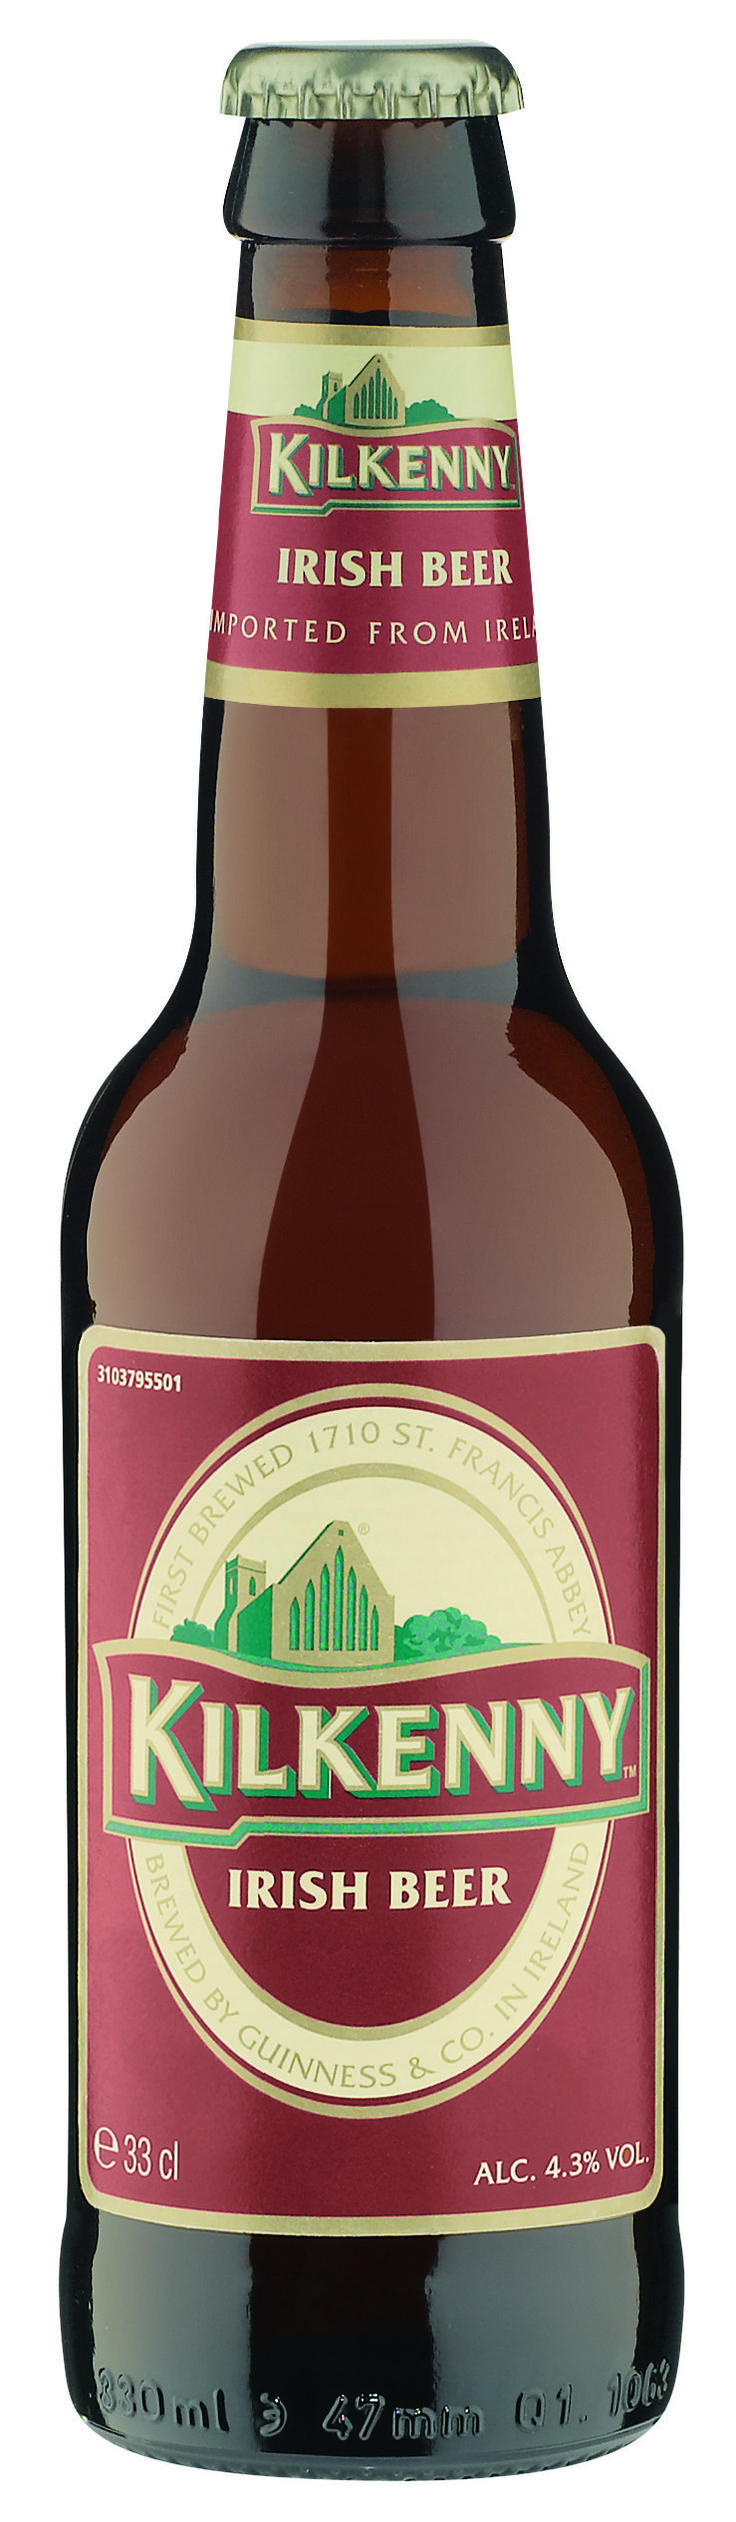 Kilkenny bière Irlandaise 4-pk - Kilkenny - Bières irlandaises - Bières et Cidres - 50213283 - Alloboissons